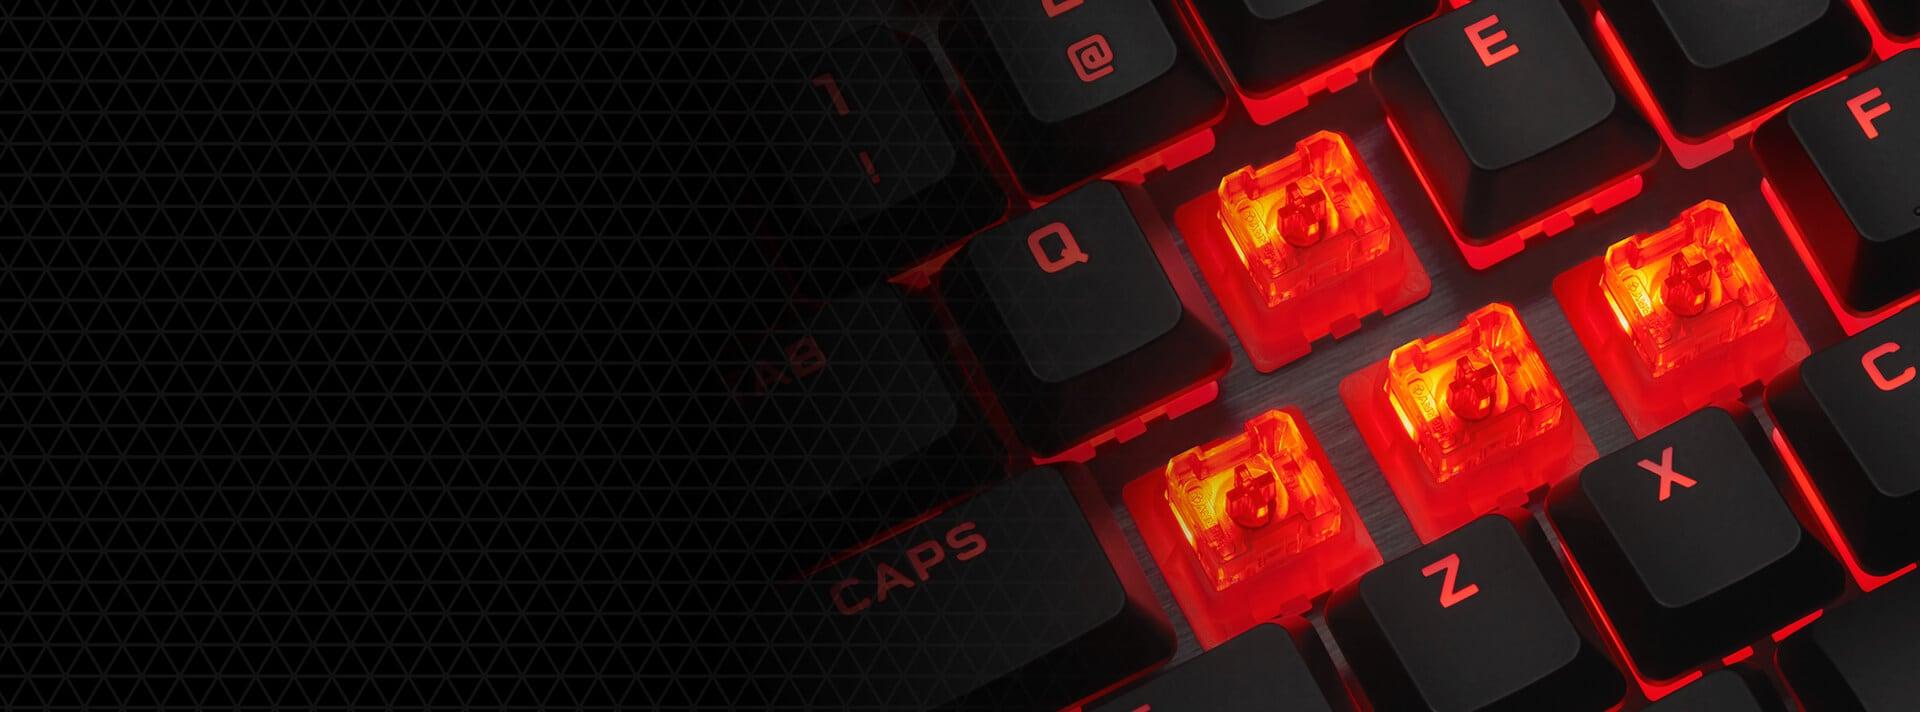 Bàn phím Corsair K60 PRO (USB/Red LED/Cherry MX Viola) (CH-910D029-NA) sử dụng switch Viola mới đến từ Cherry